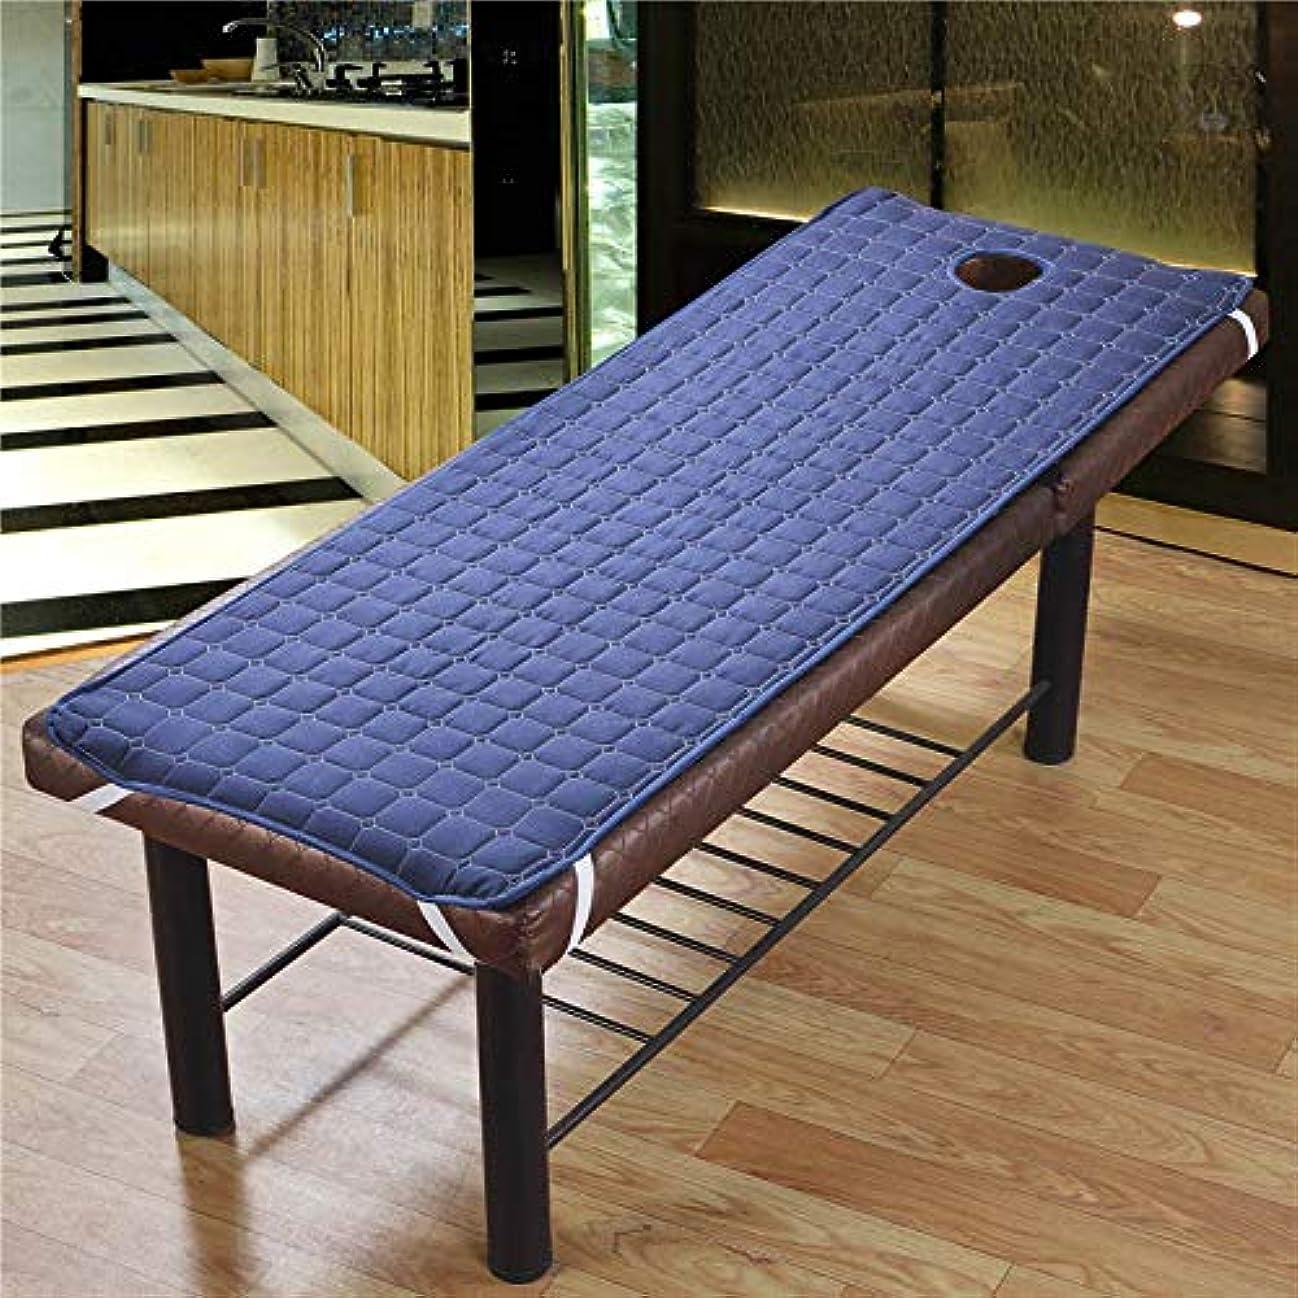 数無礼に悲劇的なTenflyer 美容院のマッサージ療法のベッドのための滑り止めのSoliod色の長方形のマットレス